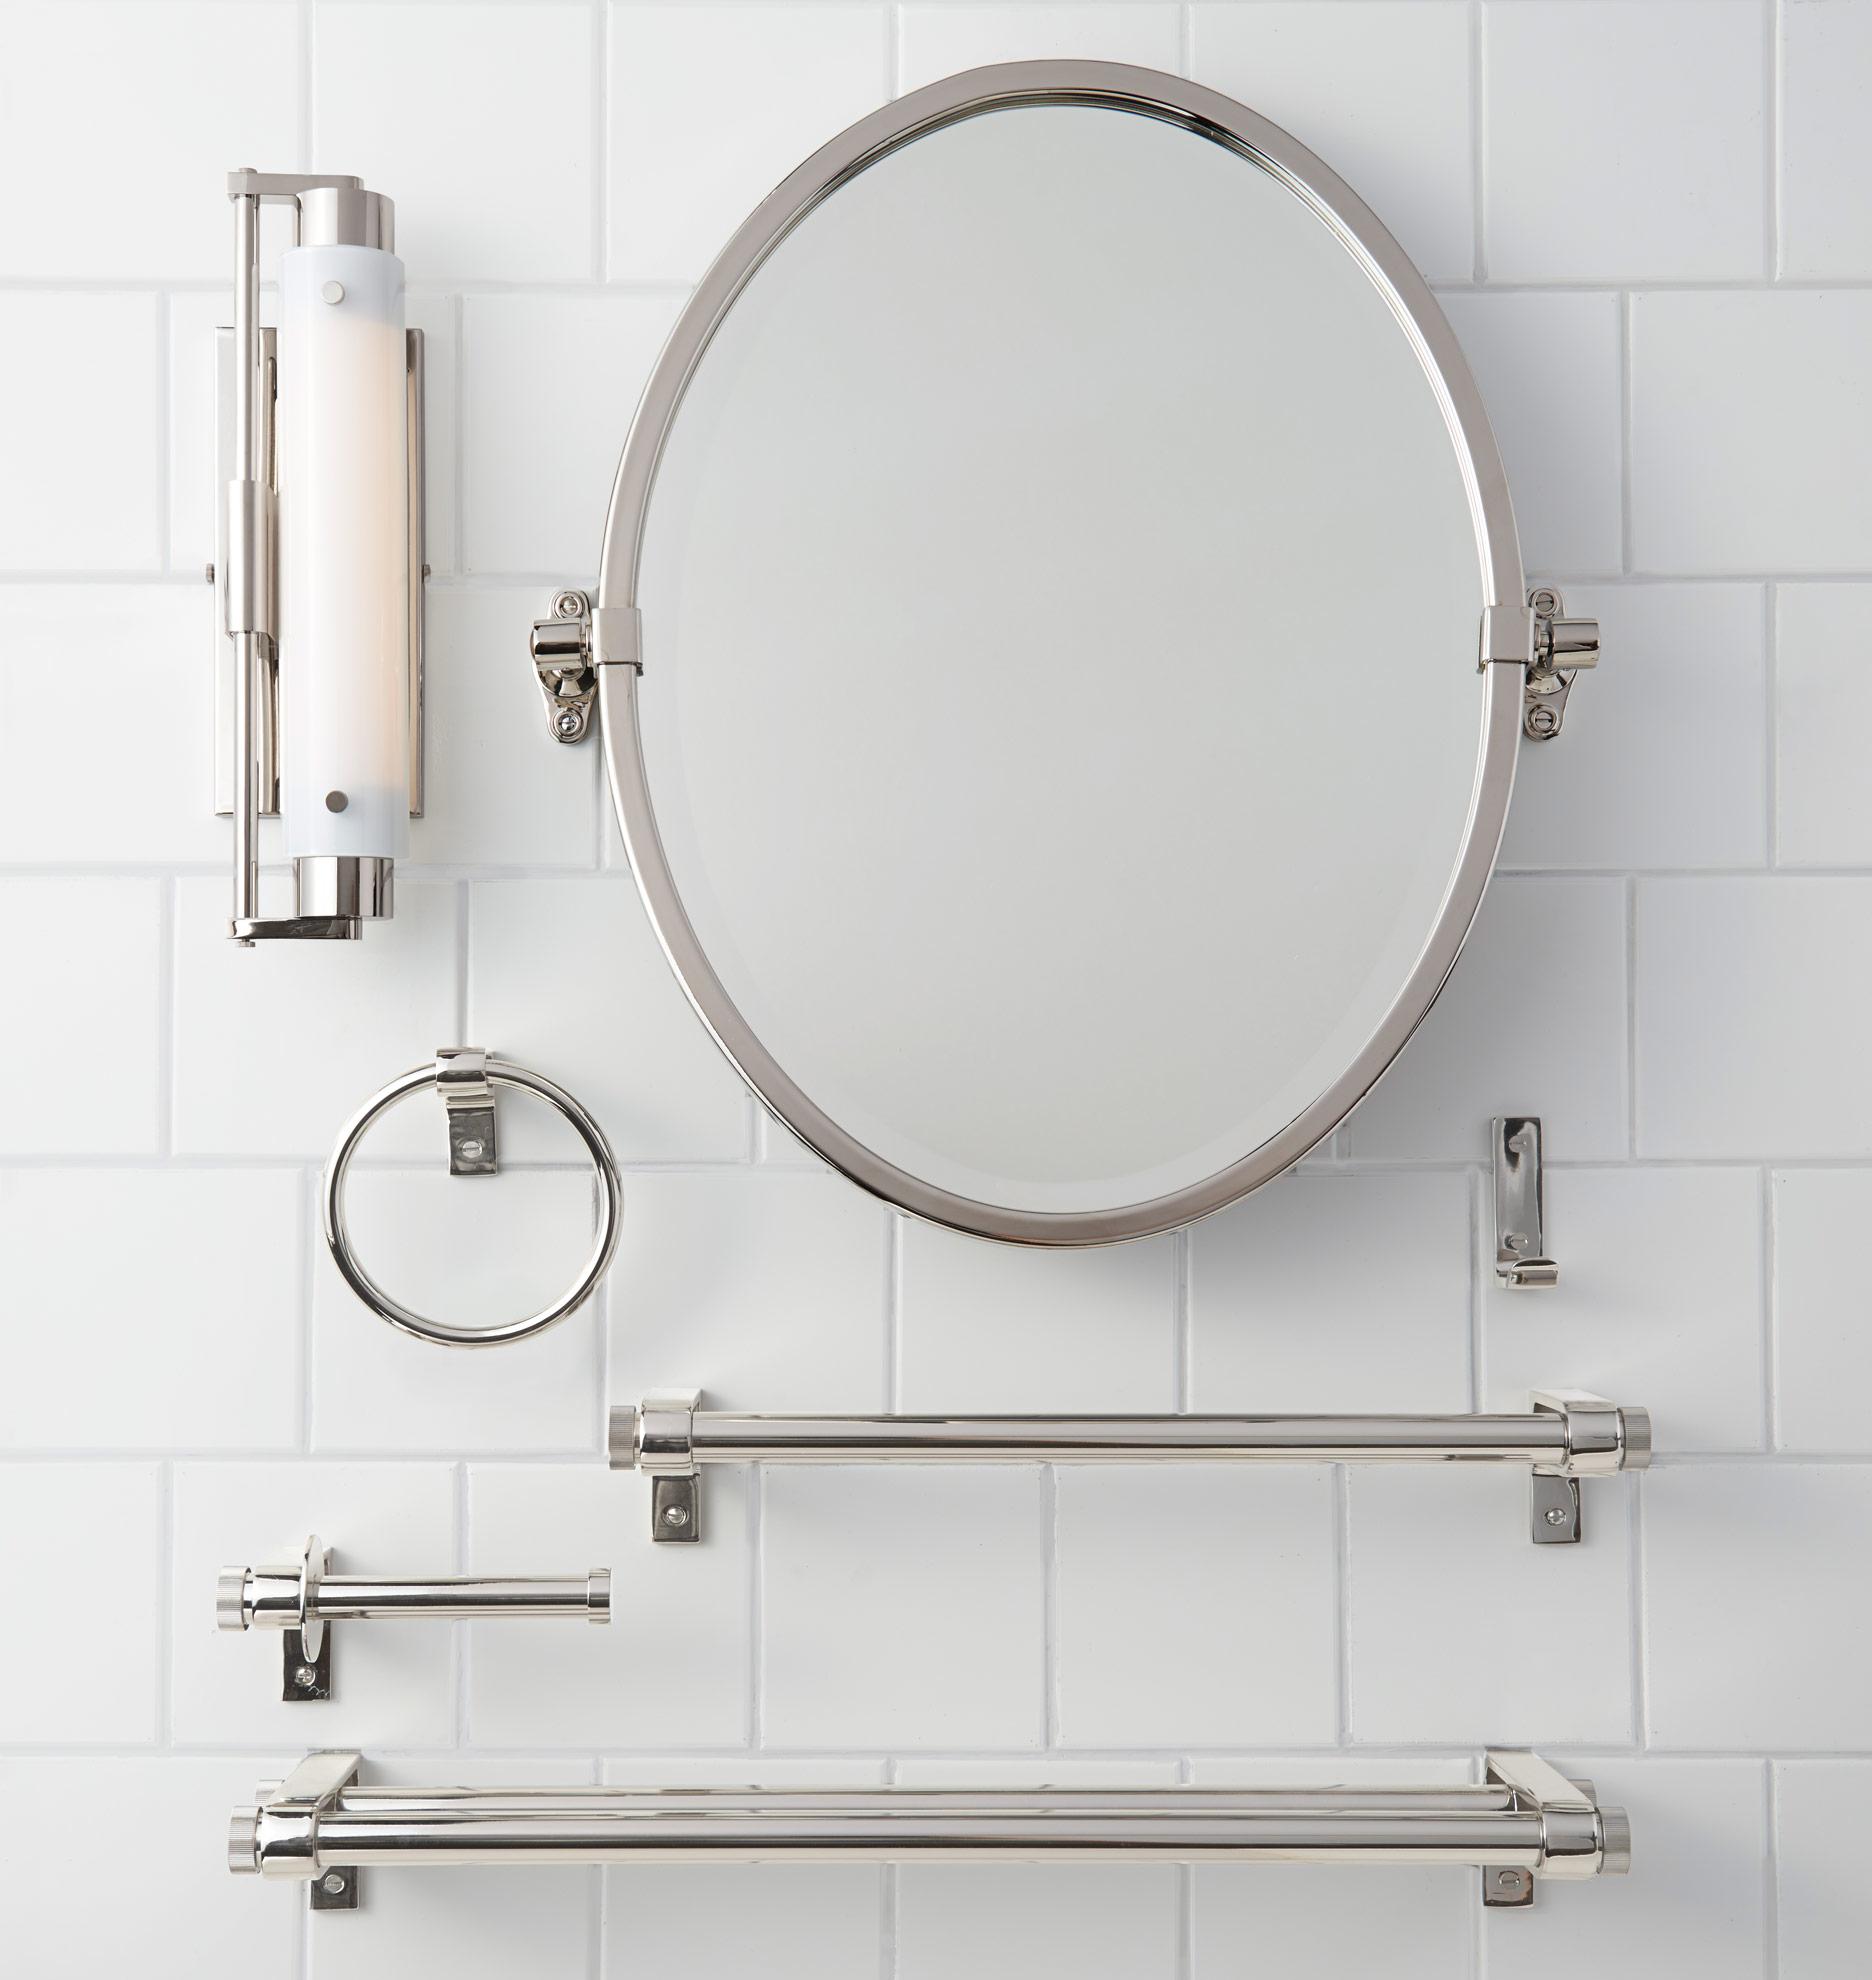 West Slope Toilet Paper Holder | Rejuvenation